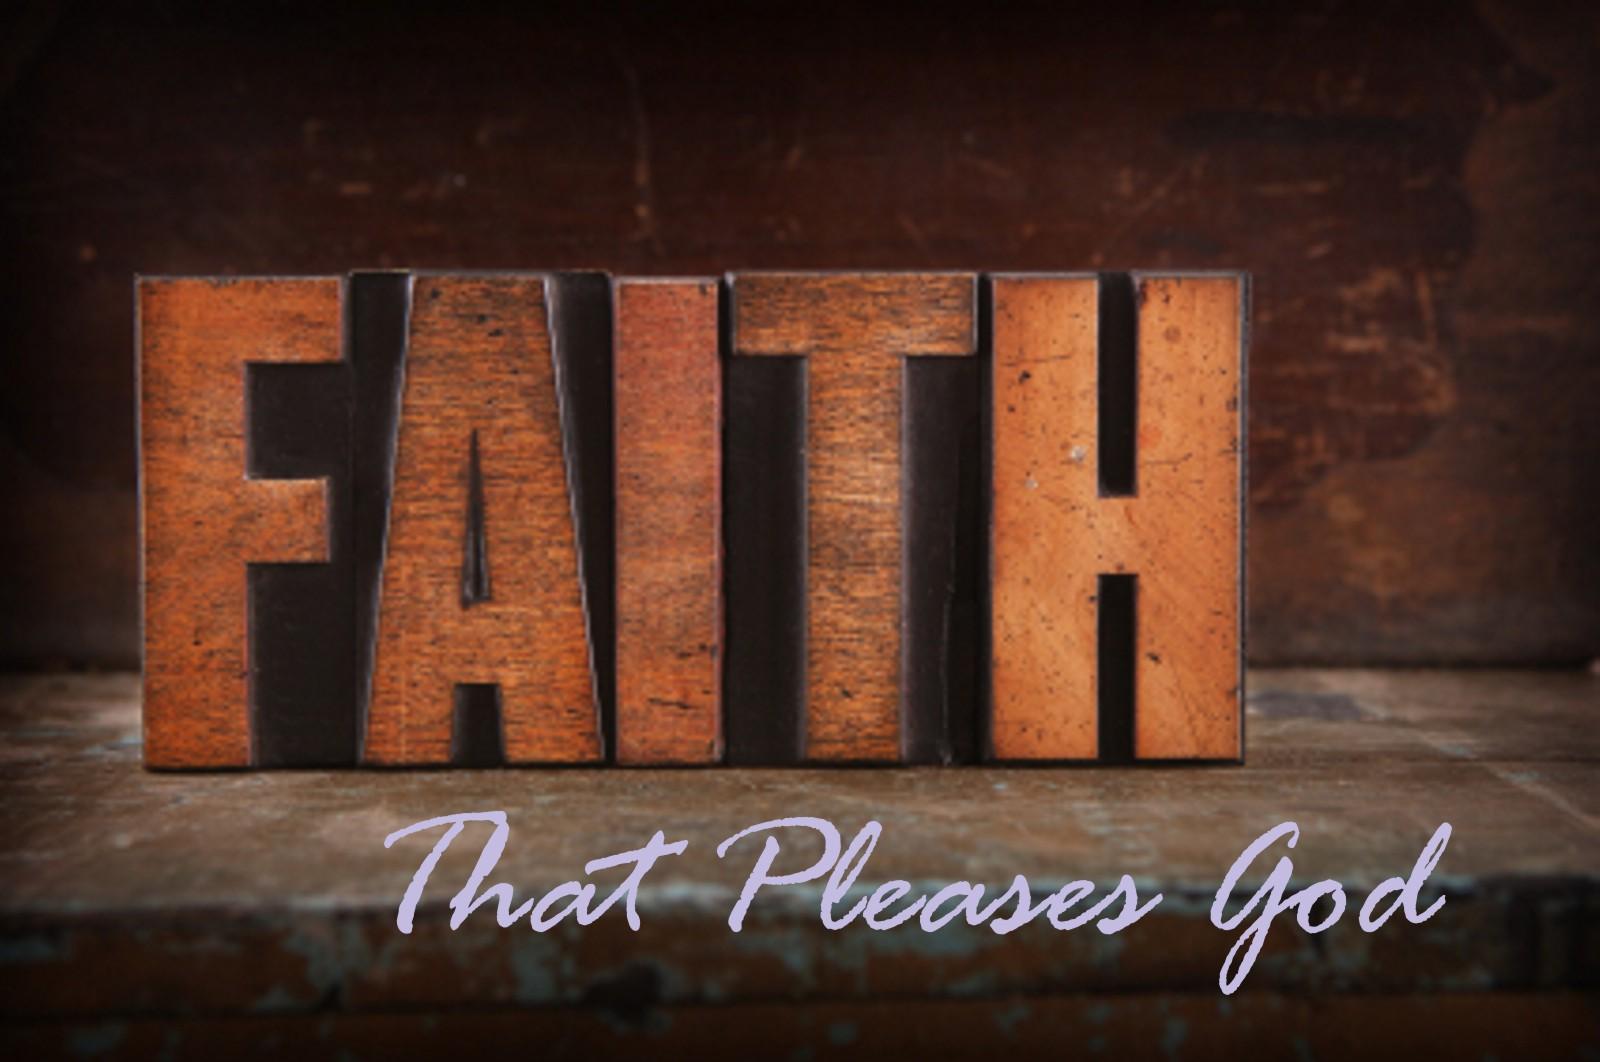 weak-faith-in-god